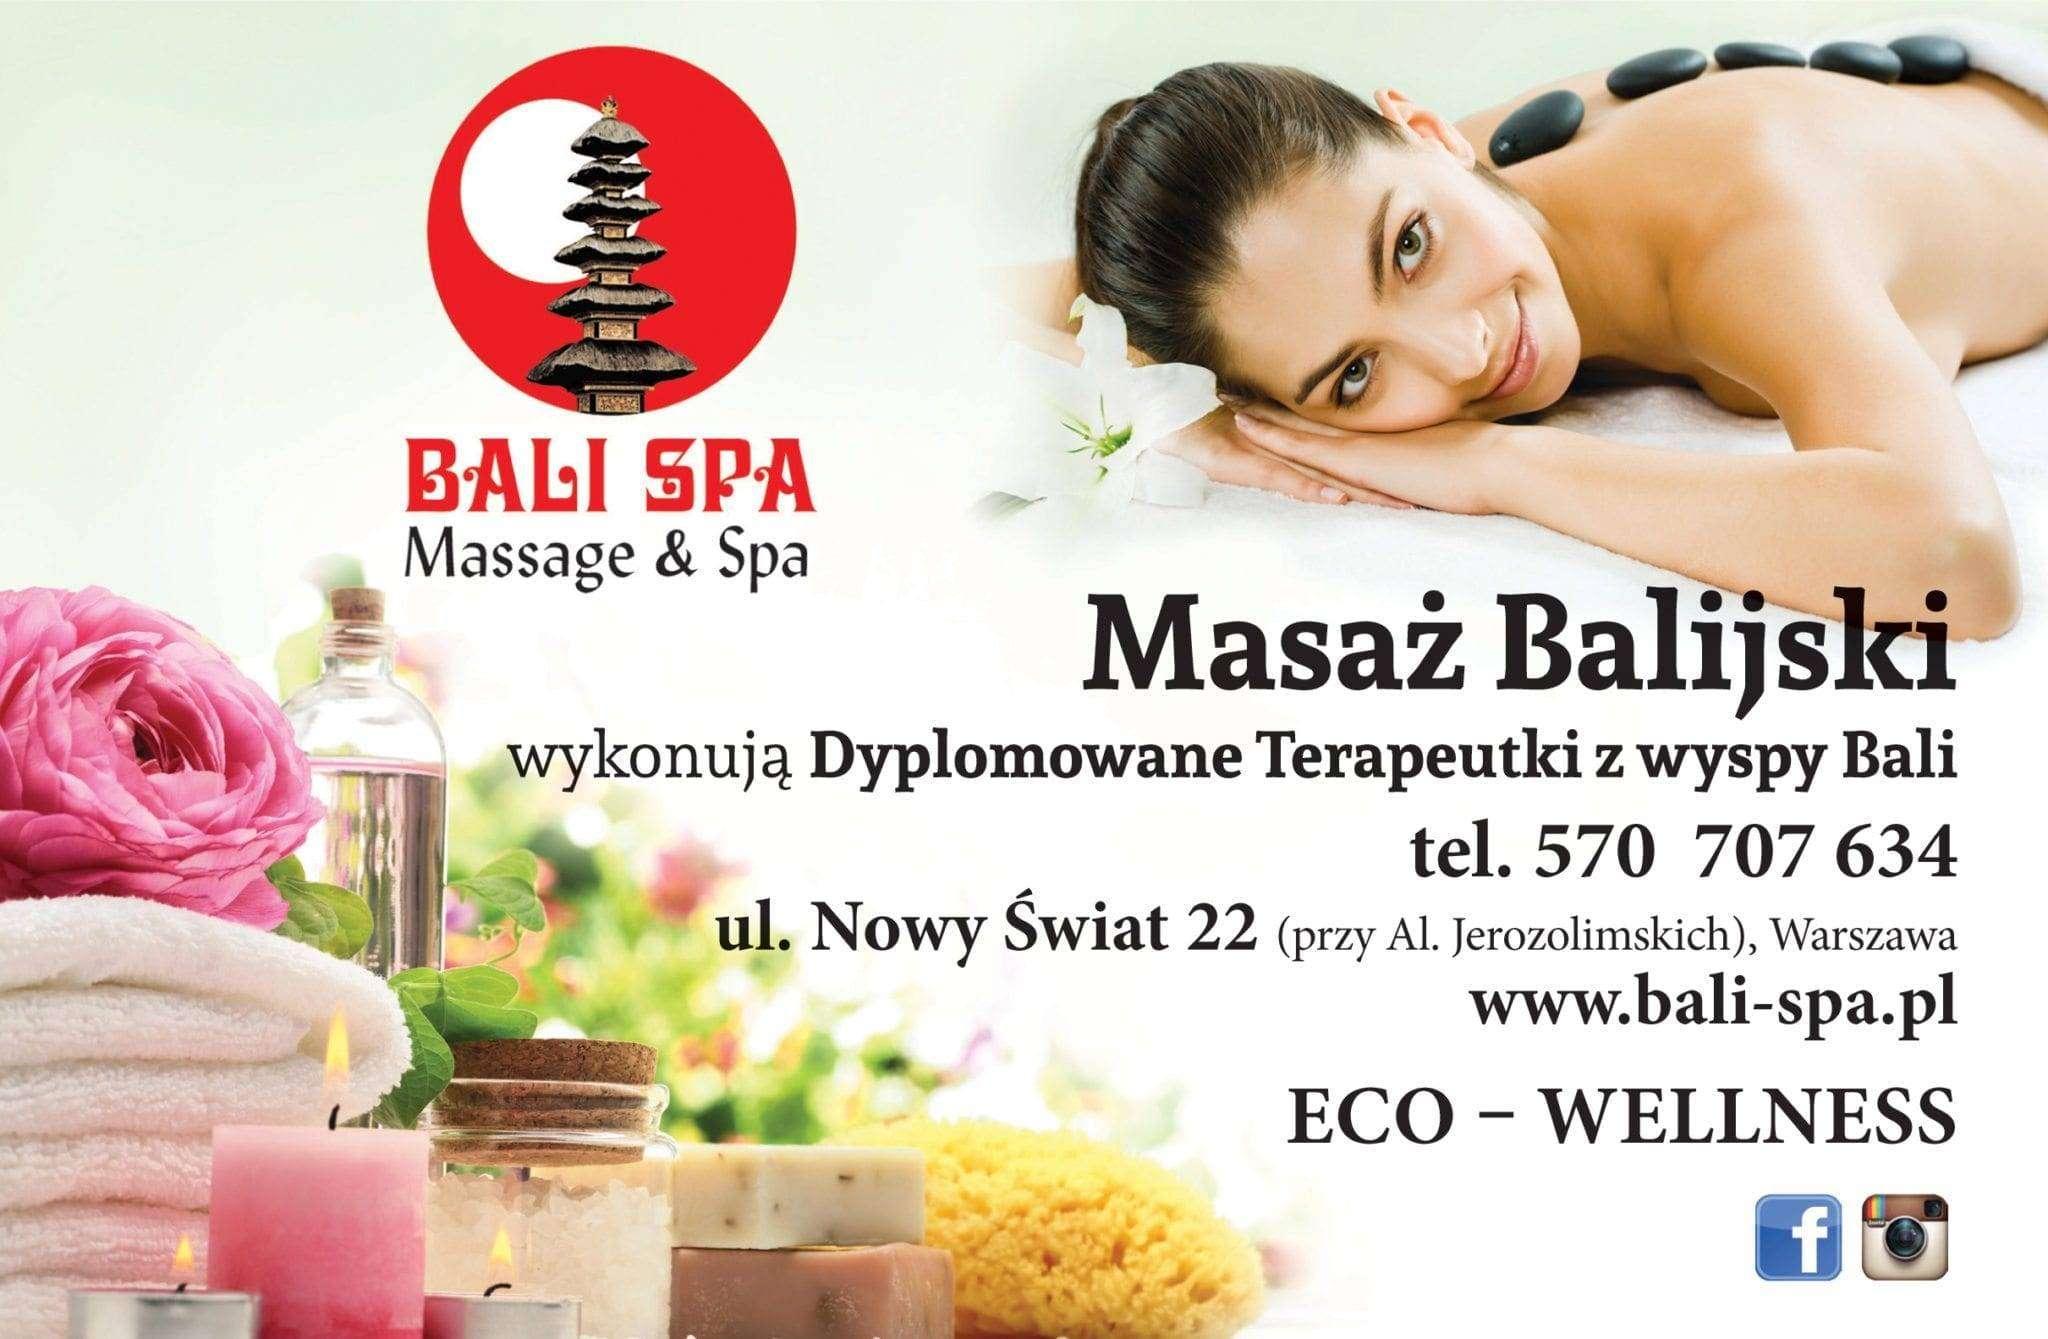 Bali_reklama2.jpg estilo2